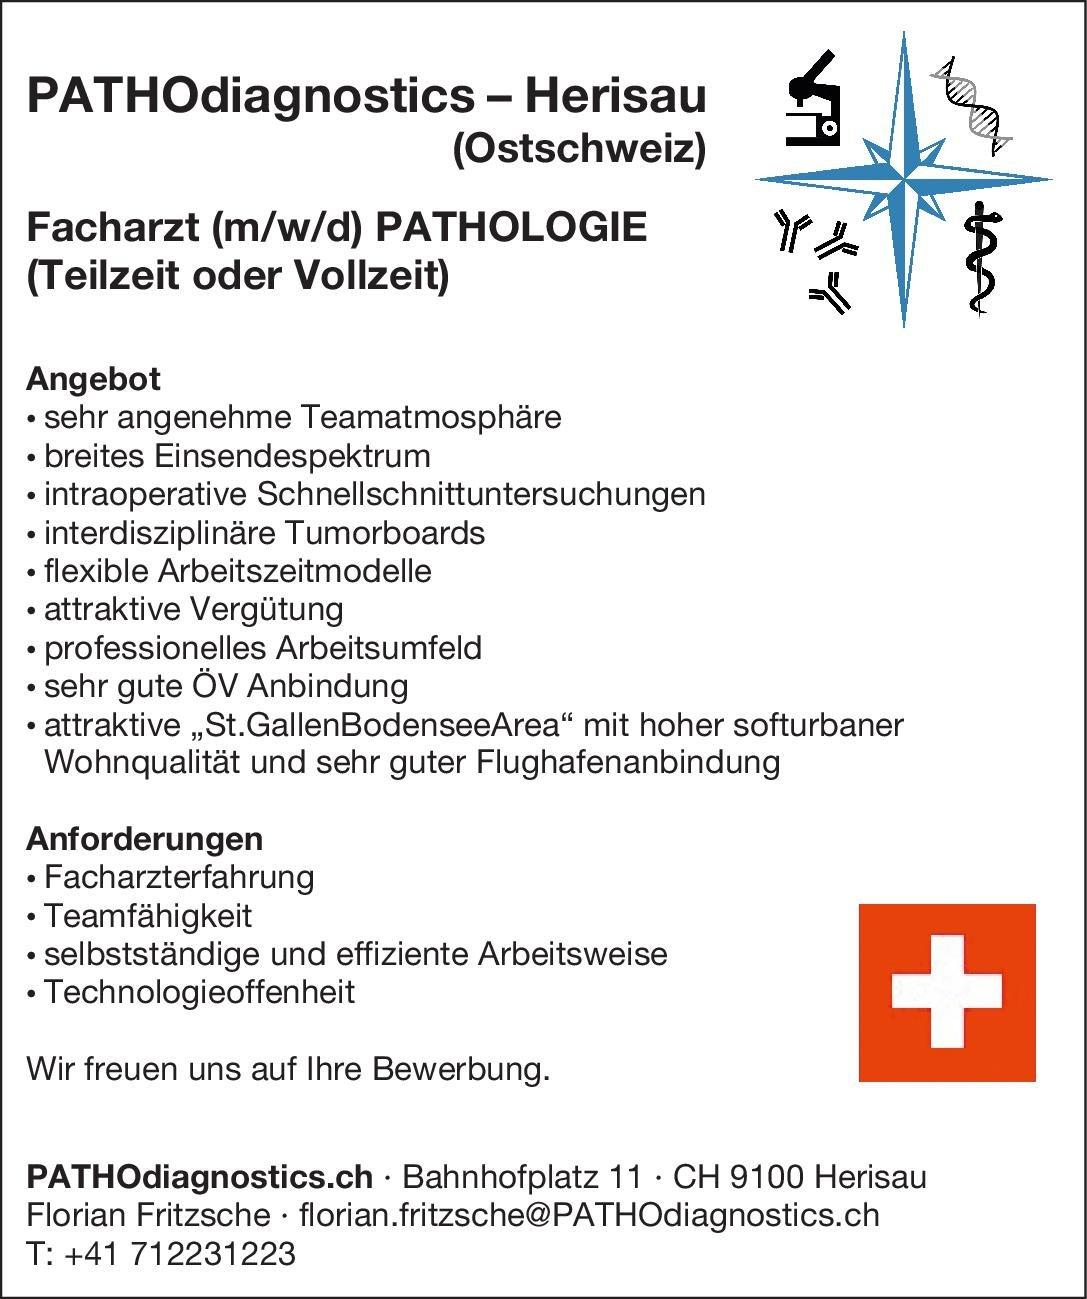 PATHOdiagnostics.ch Facharzt (m/w/d) Pathologie  Pathologie, Pathologie Arzt / Facharzt